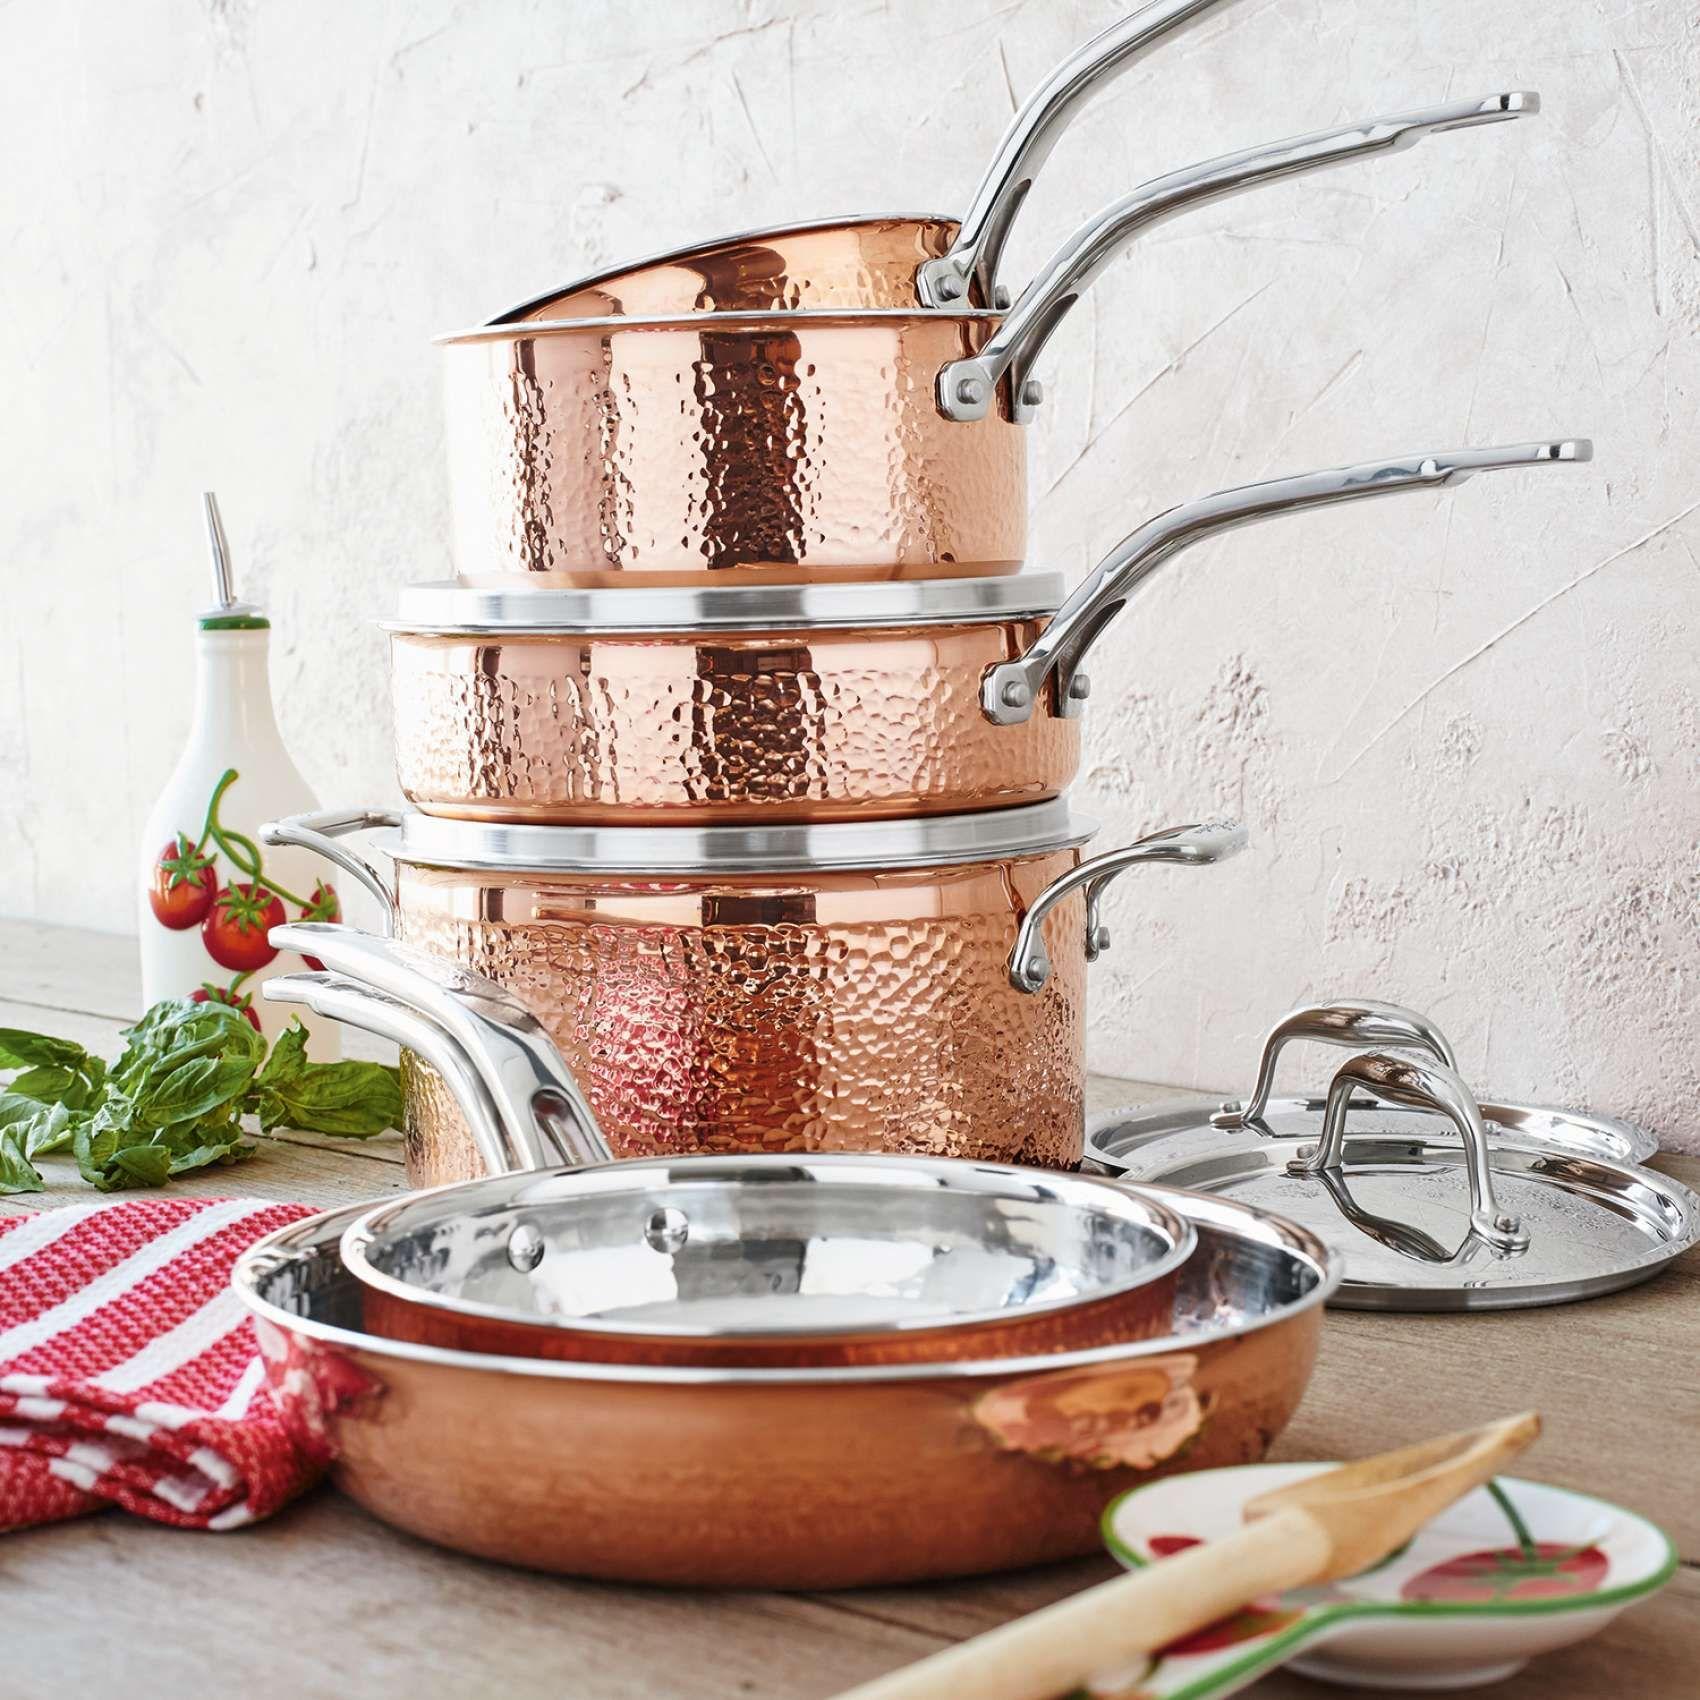 Lagostina Martellata Hammered Copper 10 Piece Set Sur La Table Copper Cookware Set Copper Kitchen Accessories Copper Cookware